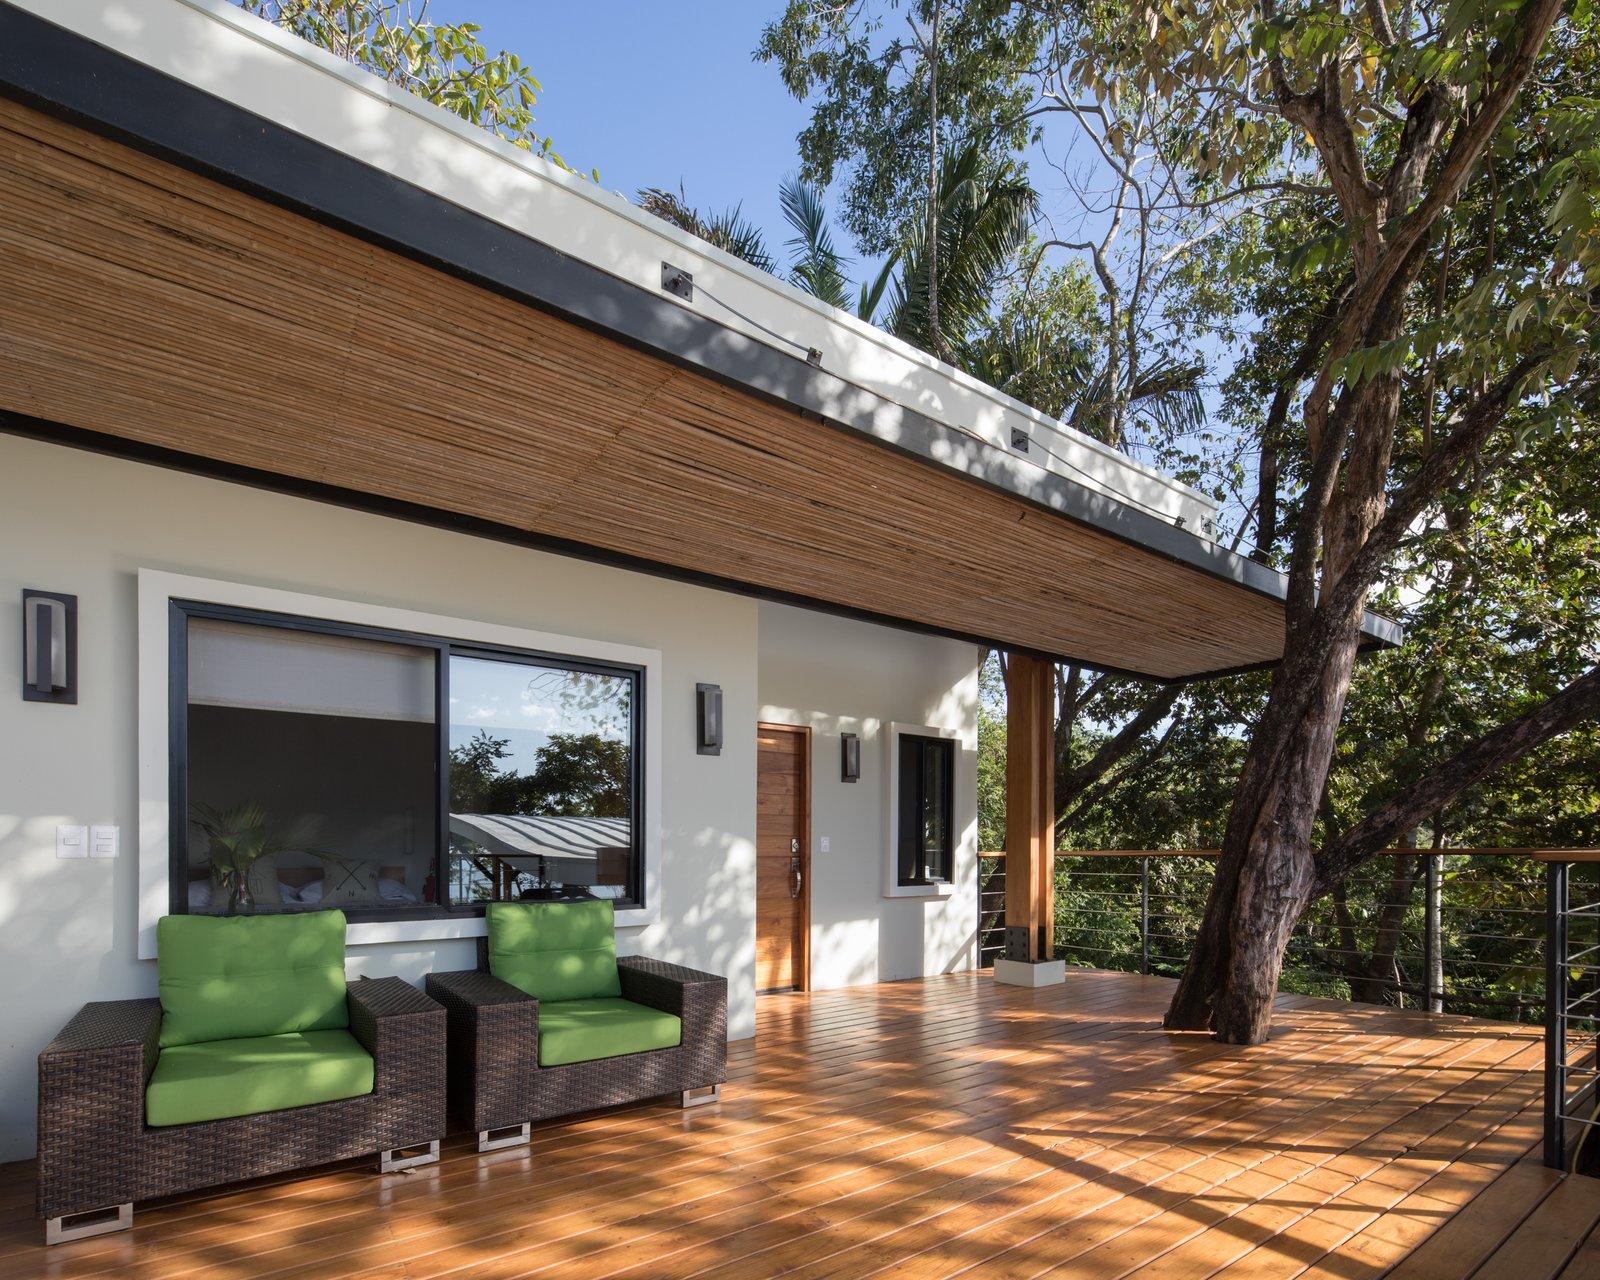 Balcony with tree insert